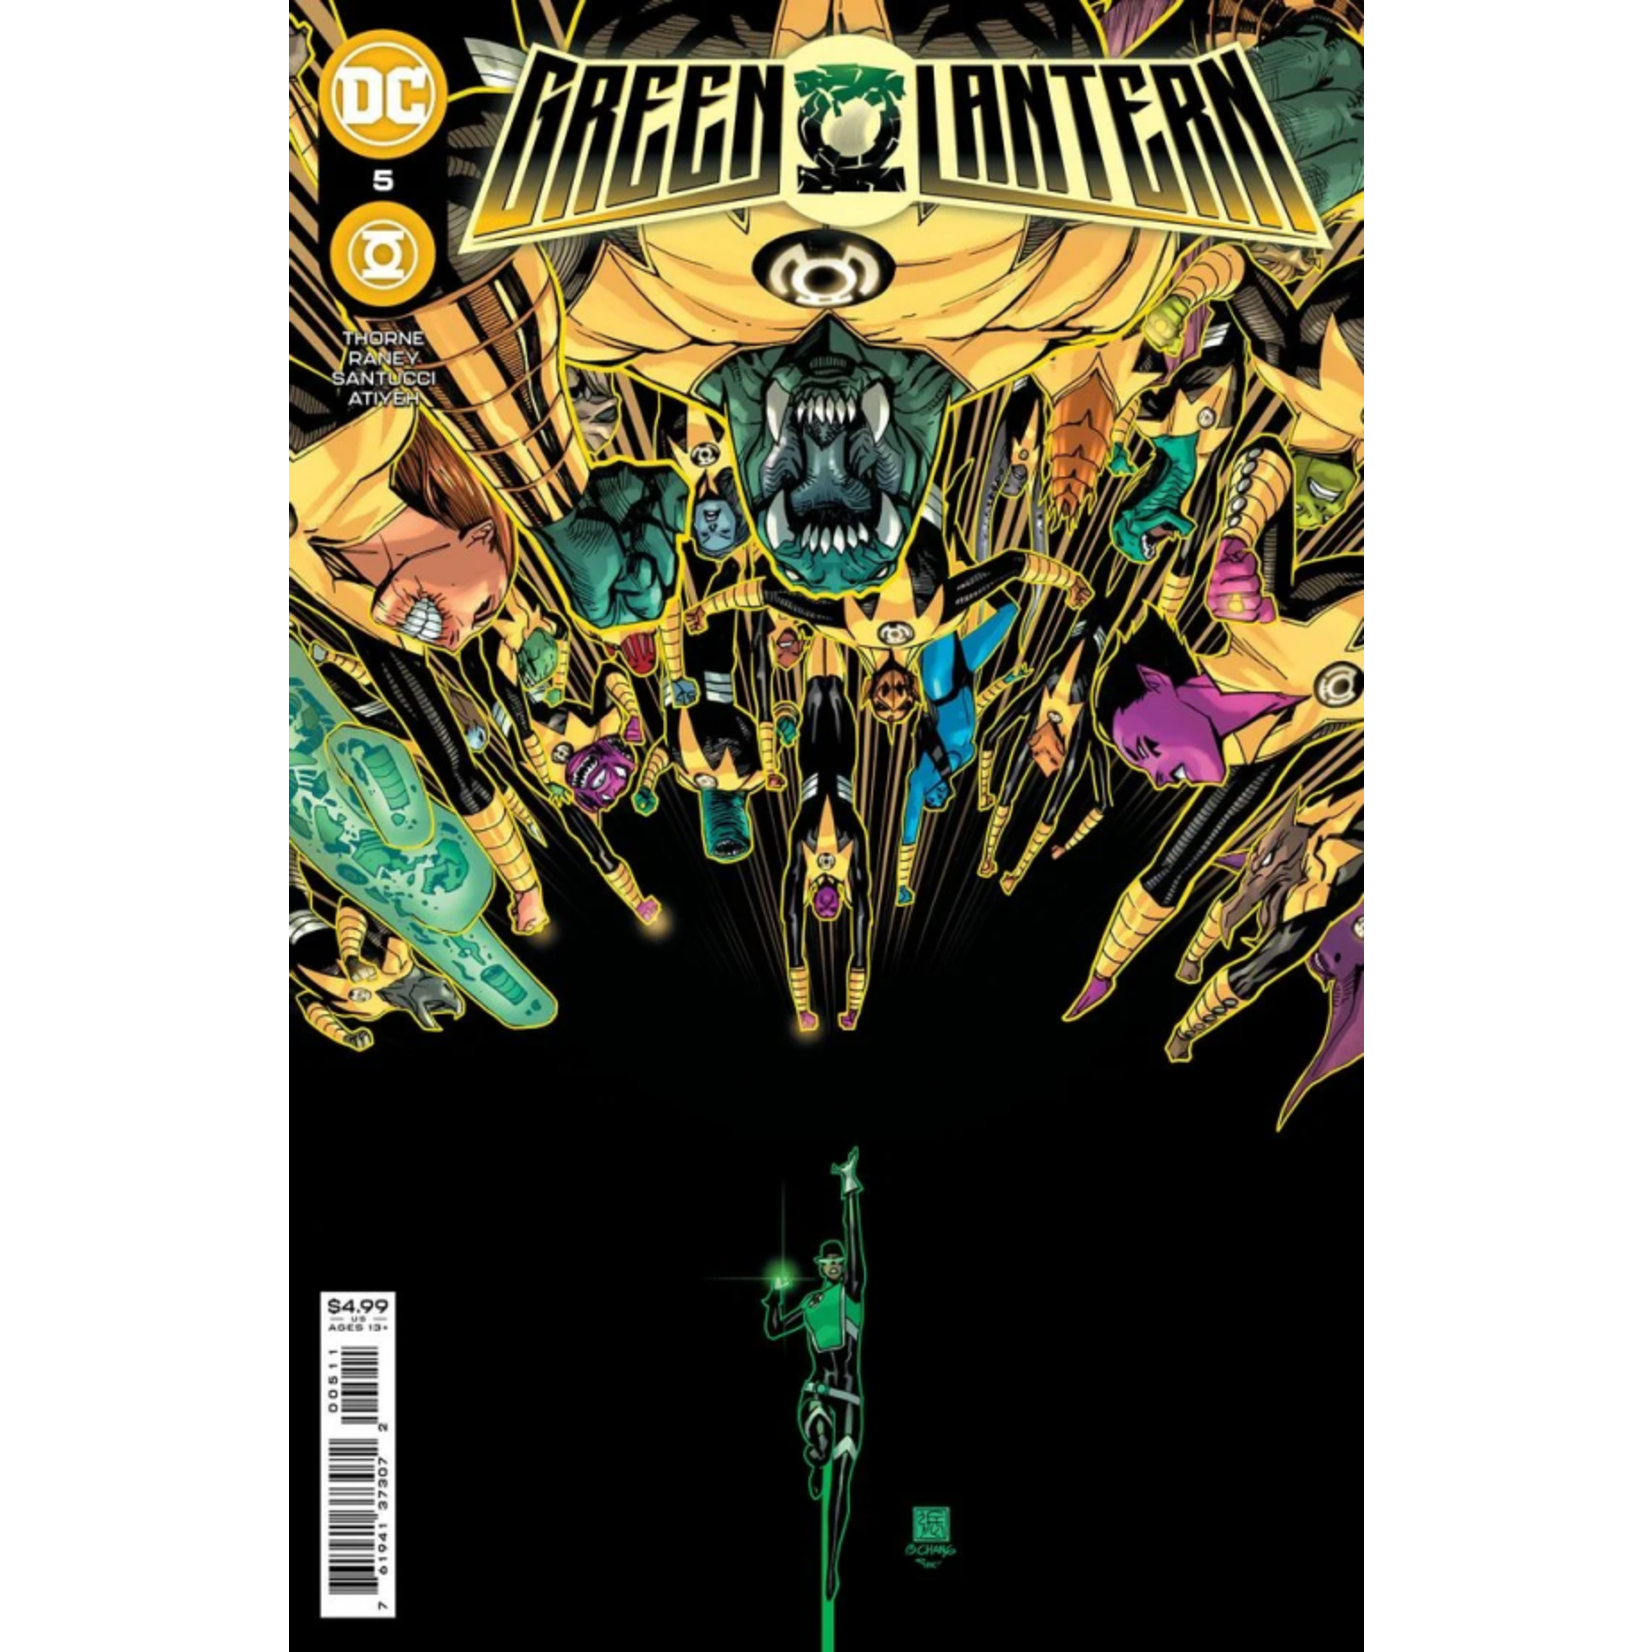 DC Comics Green Lantern #5